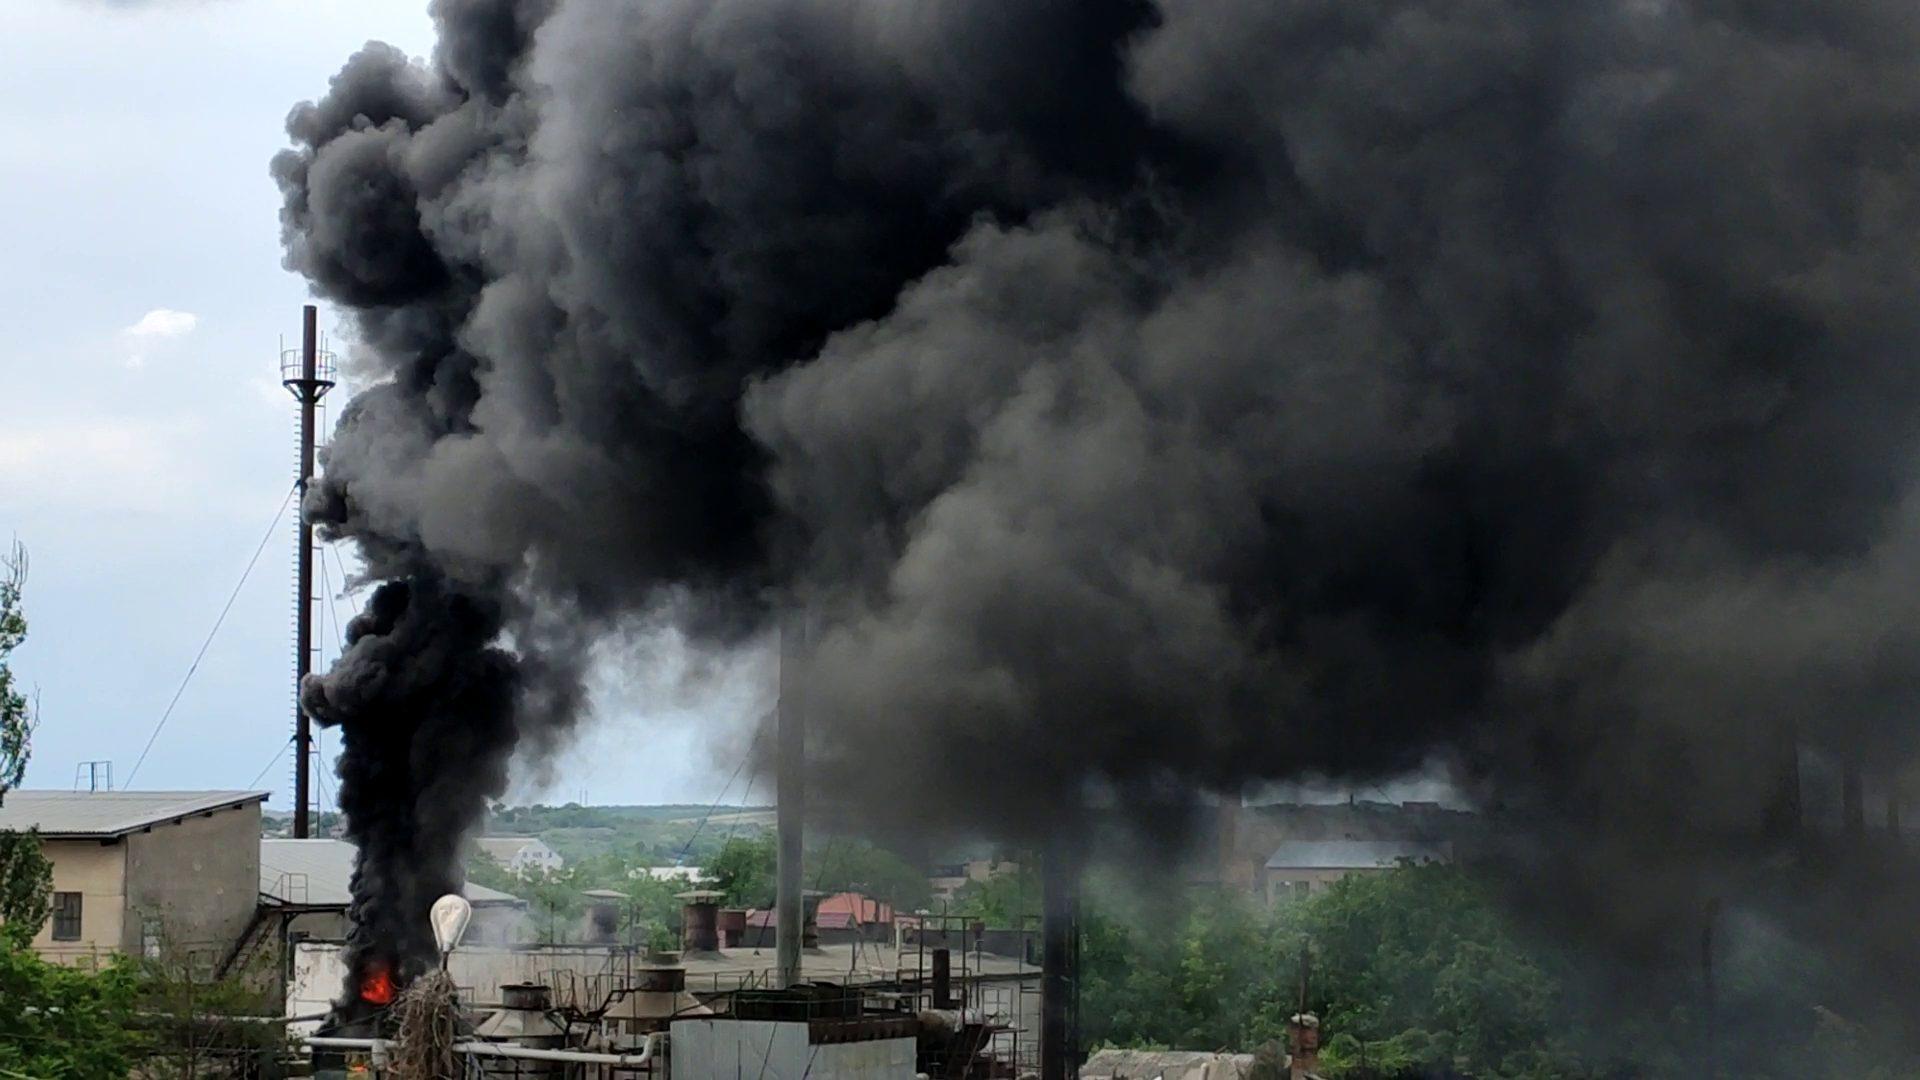 ВИДЕО   На территории хлебкомбината в Бельцах был пожар